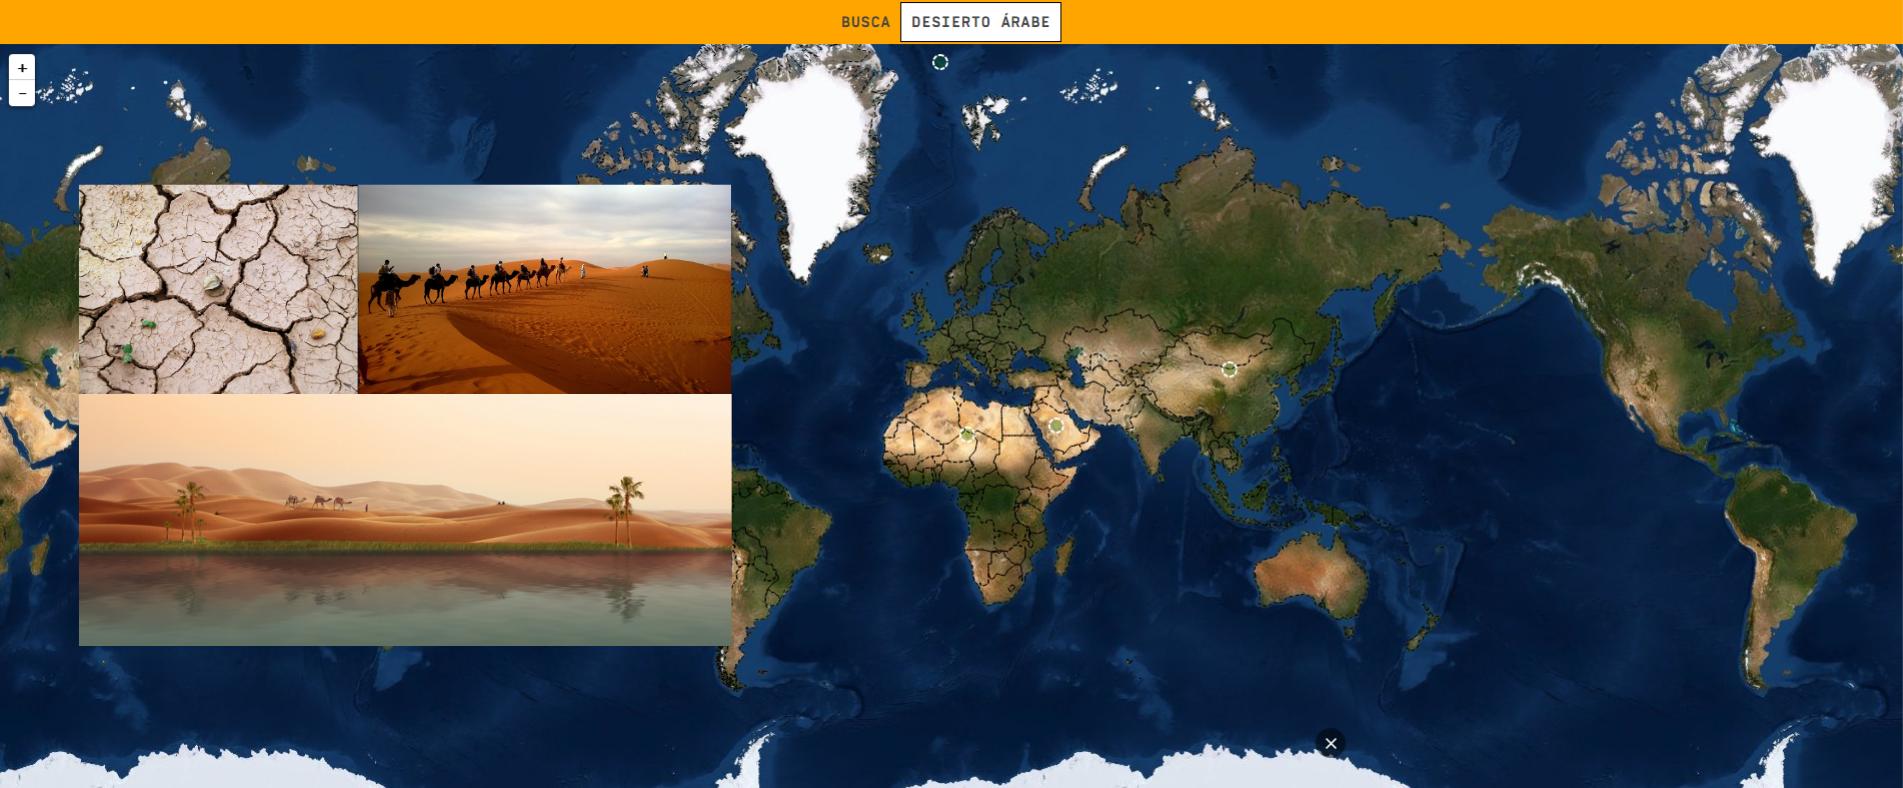 Desertos do mundo - Nível médio